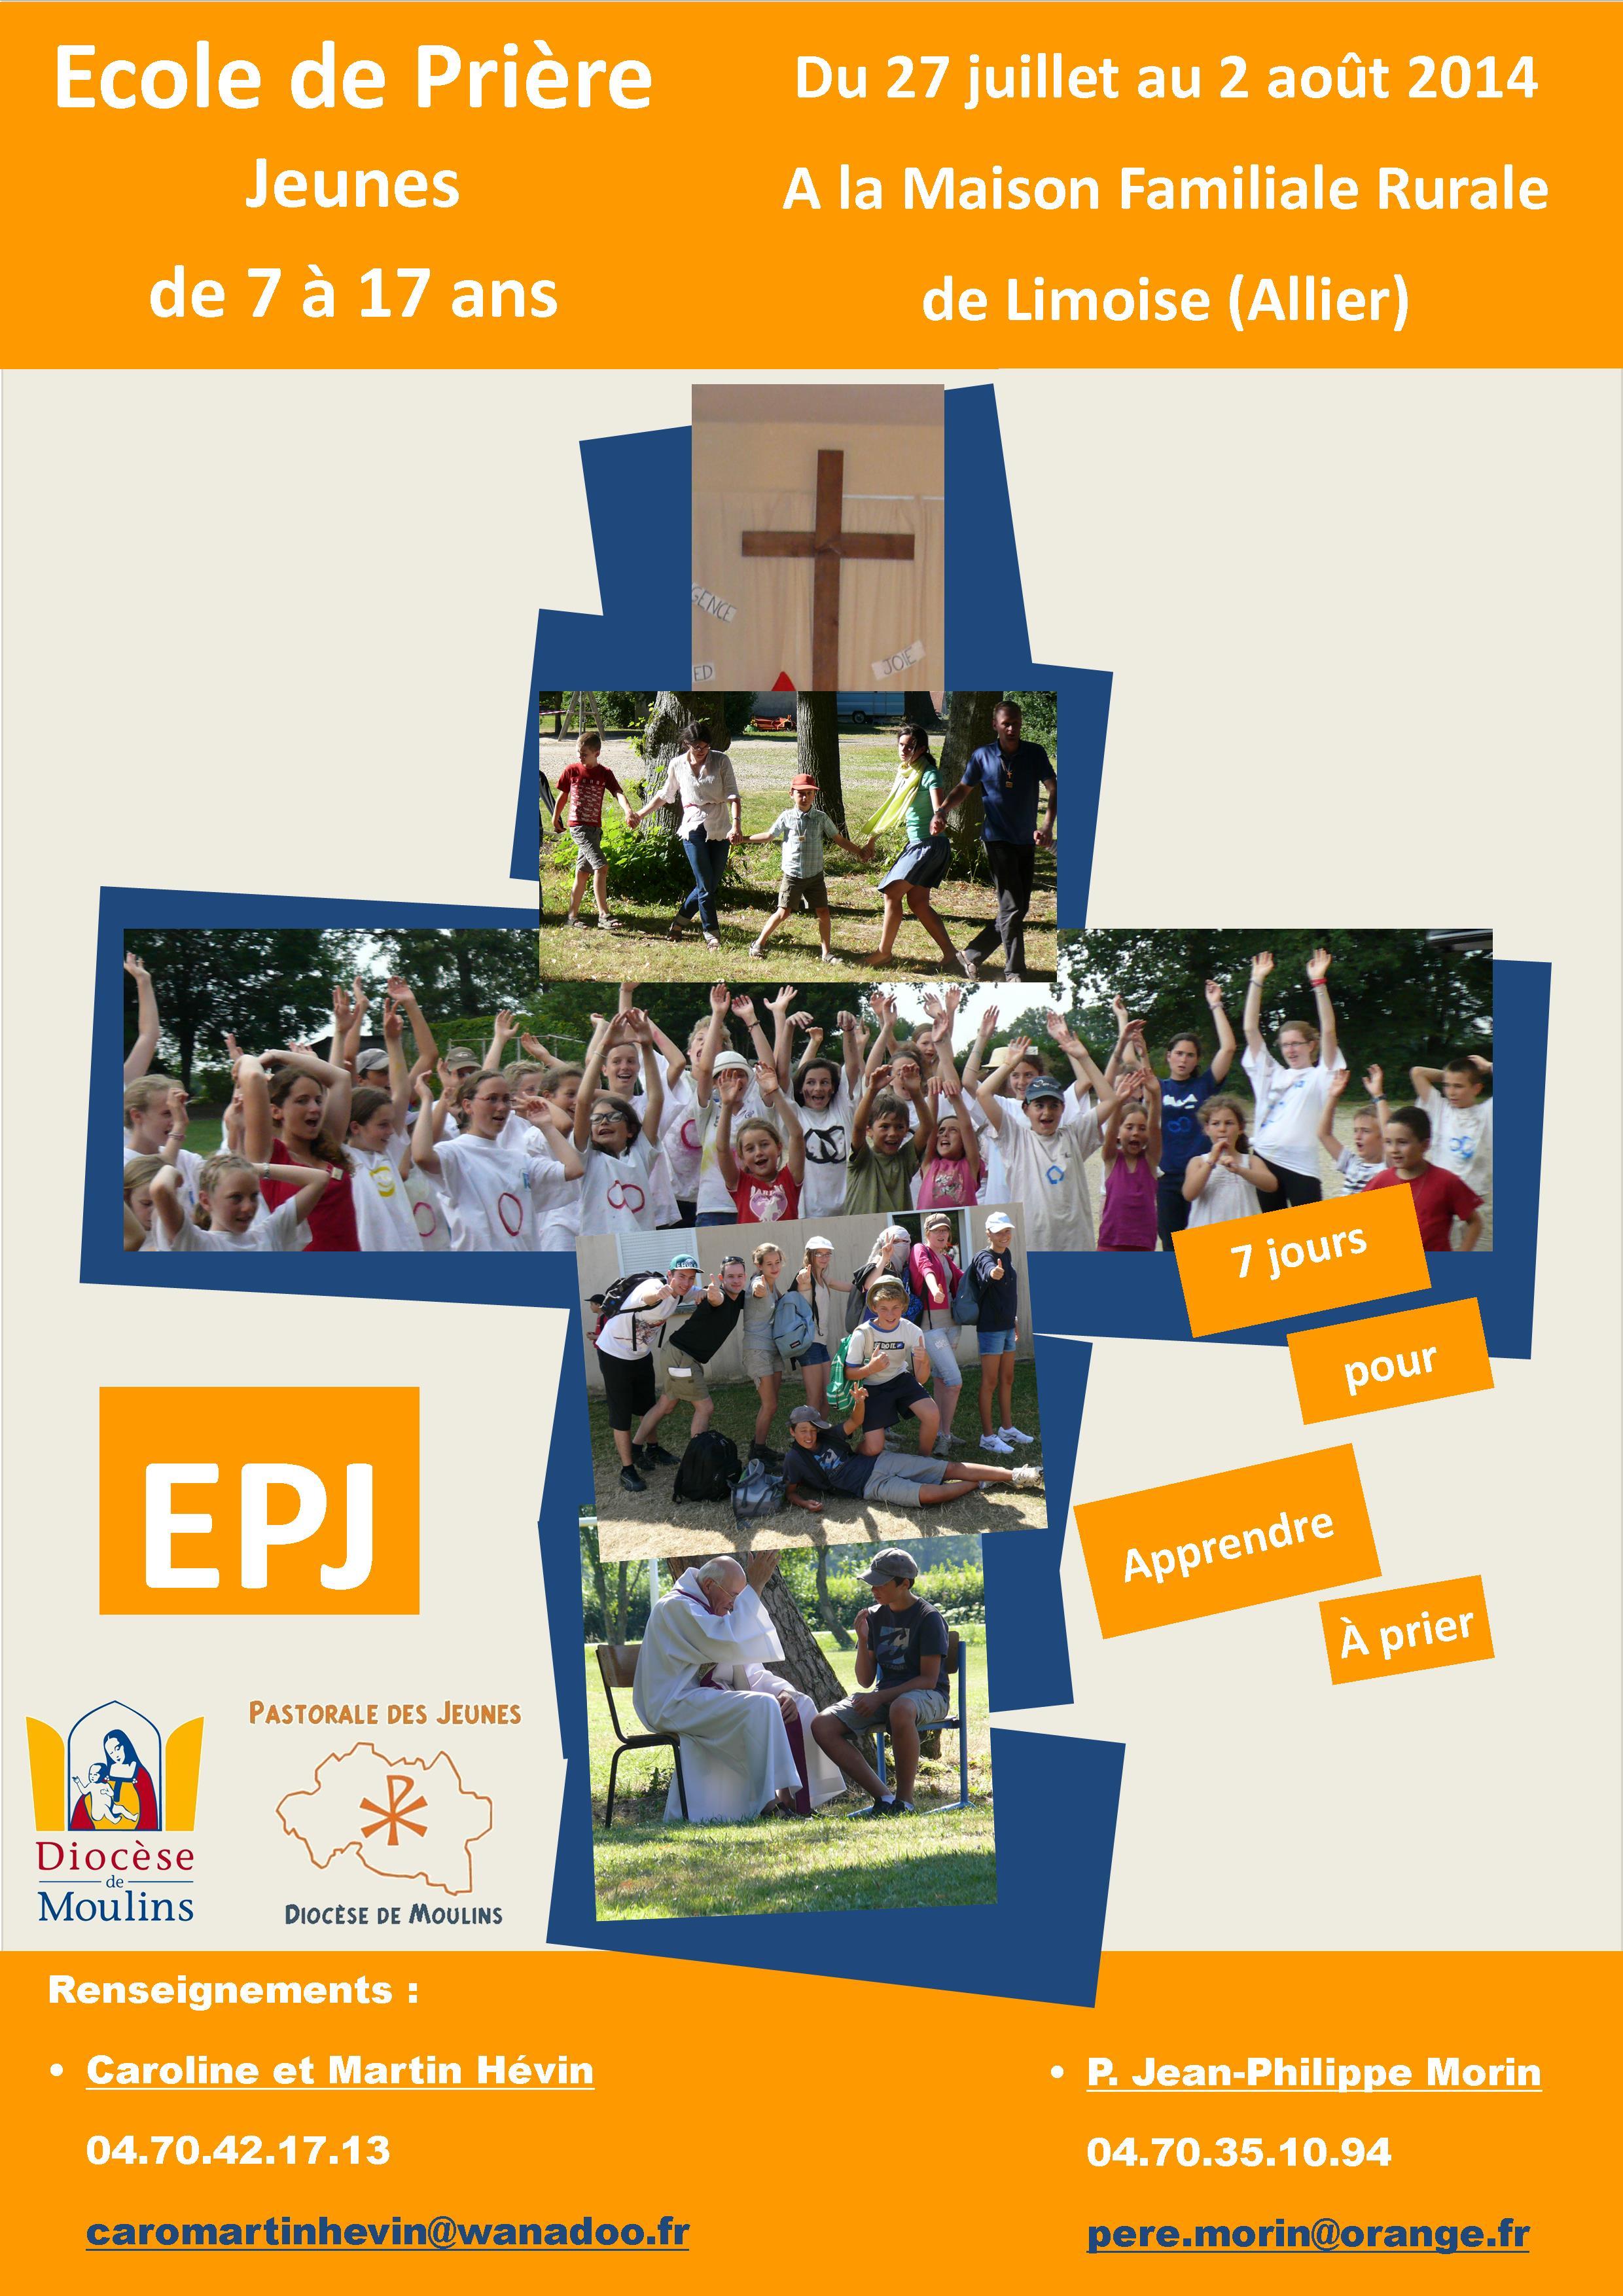 Ecole de Prière Jeunes